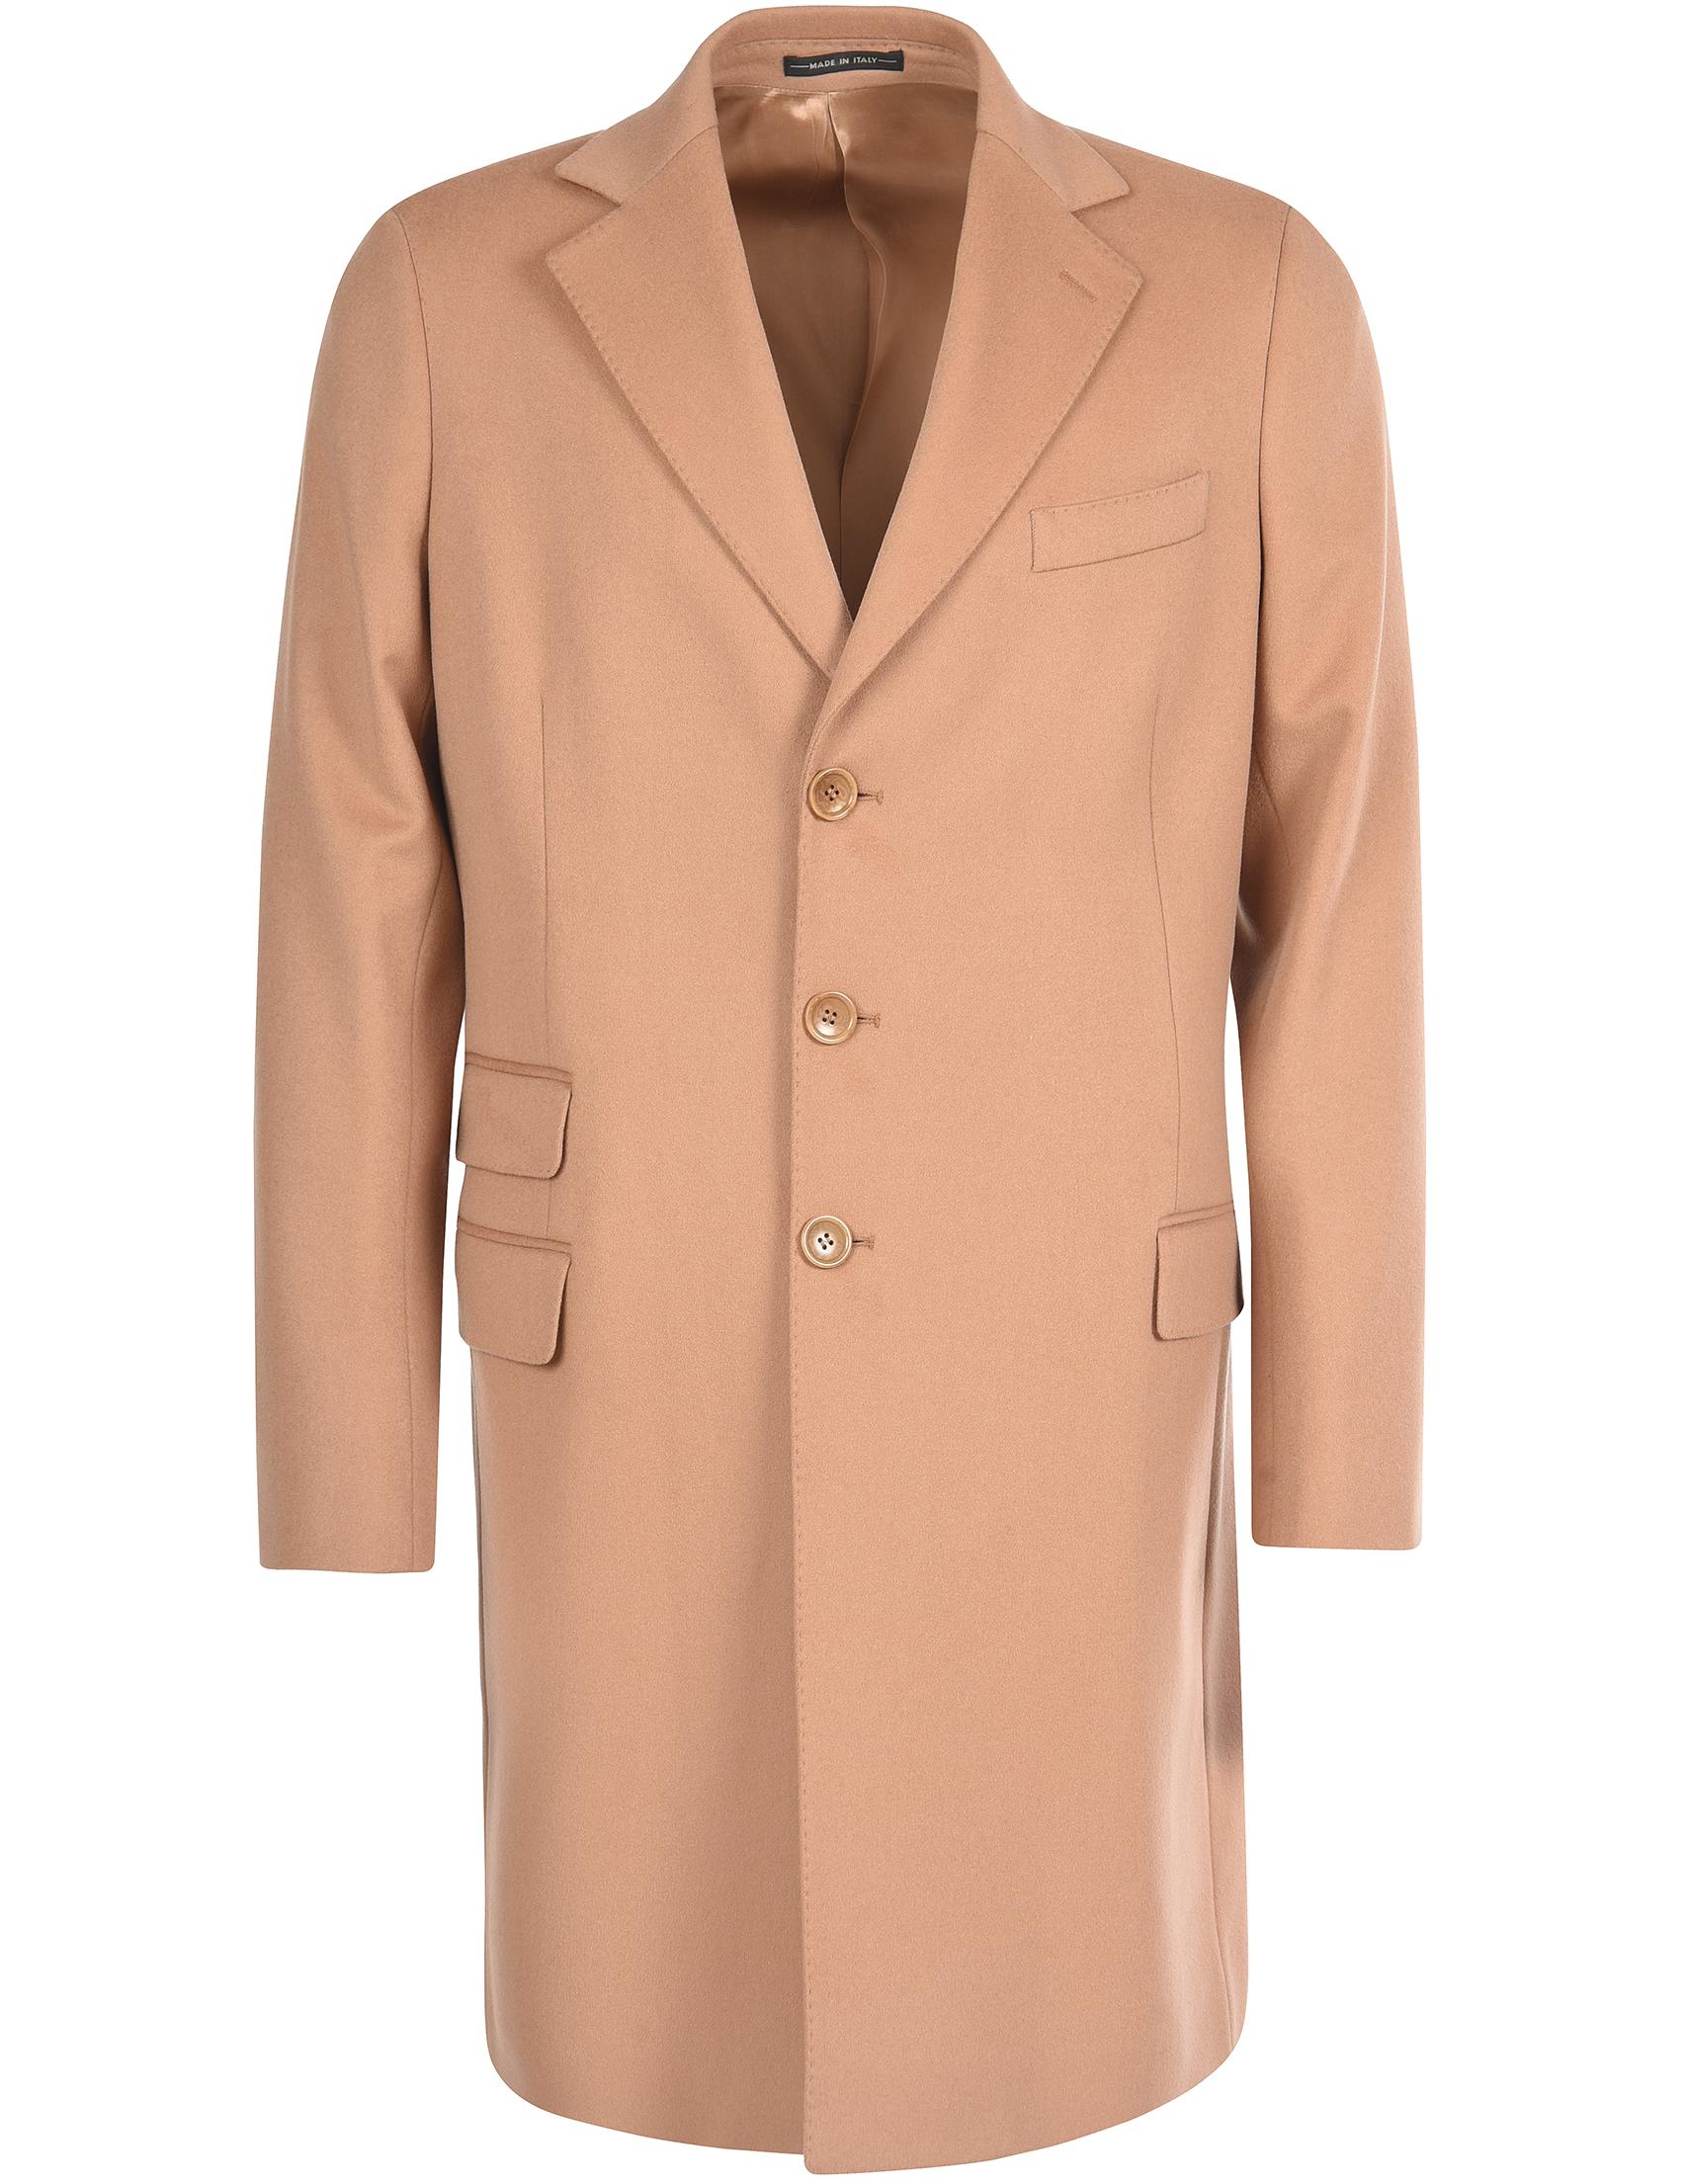 Купить Пальто, LORO PIANA, Бежевый, 100%Шерсть, Осень-Зима